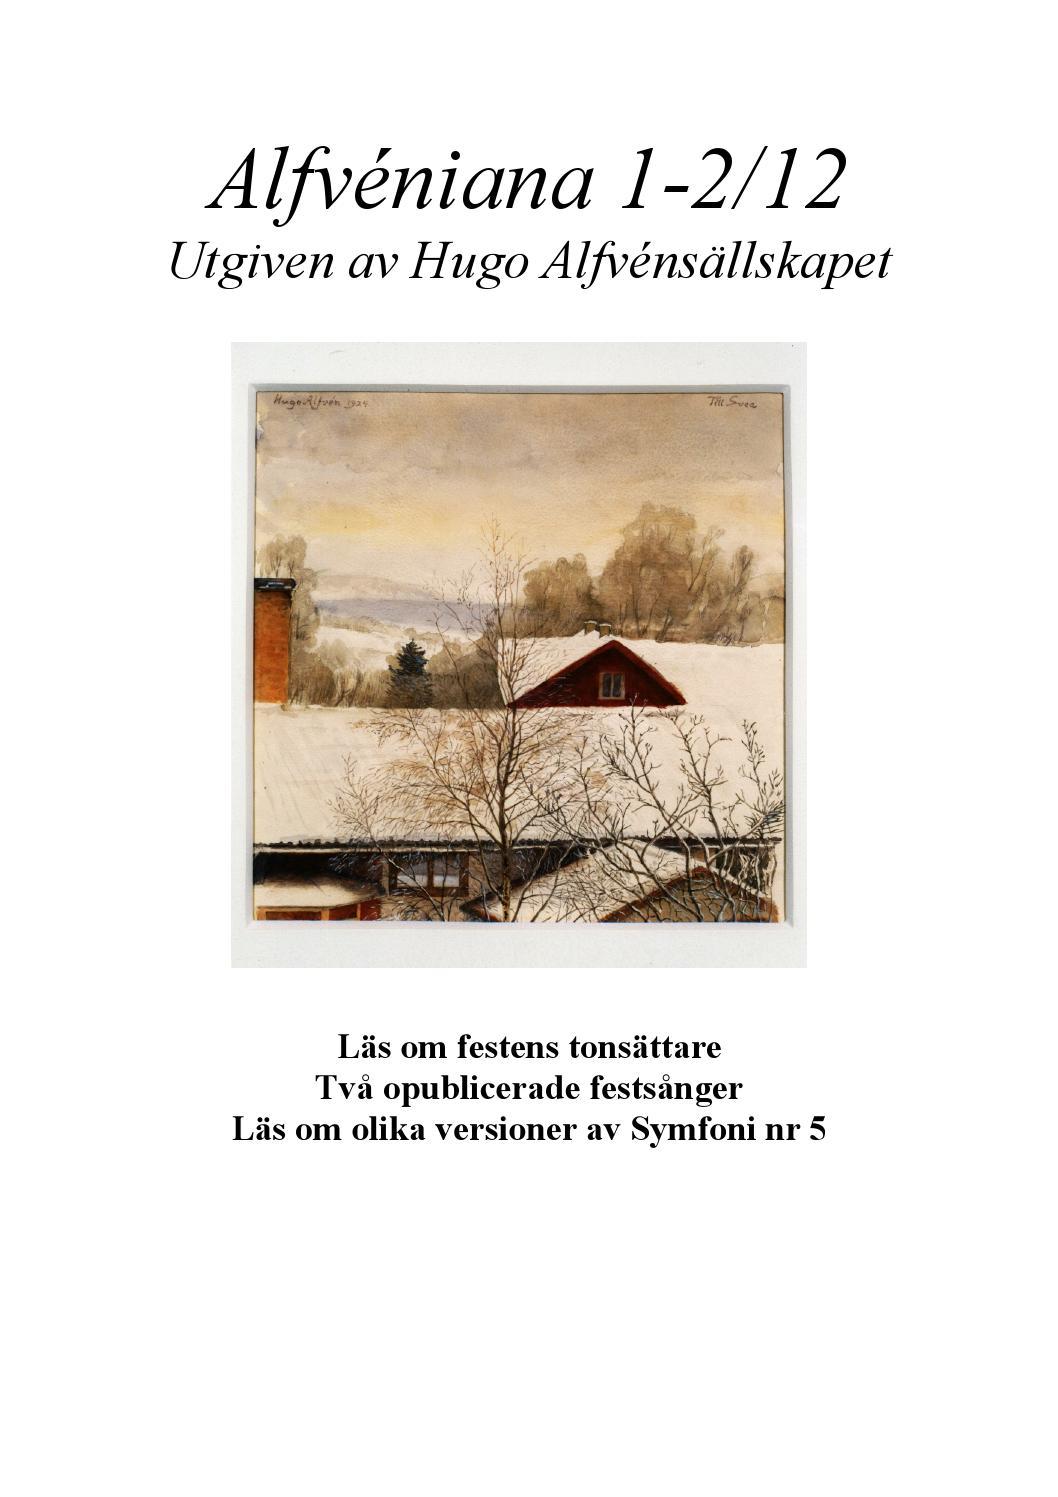 festsånger 40 år Alfven 12 01 02 by Anton Alfvén   issuu festsånger 40 år